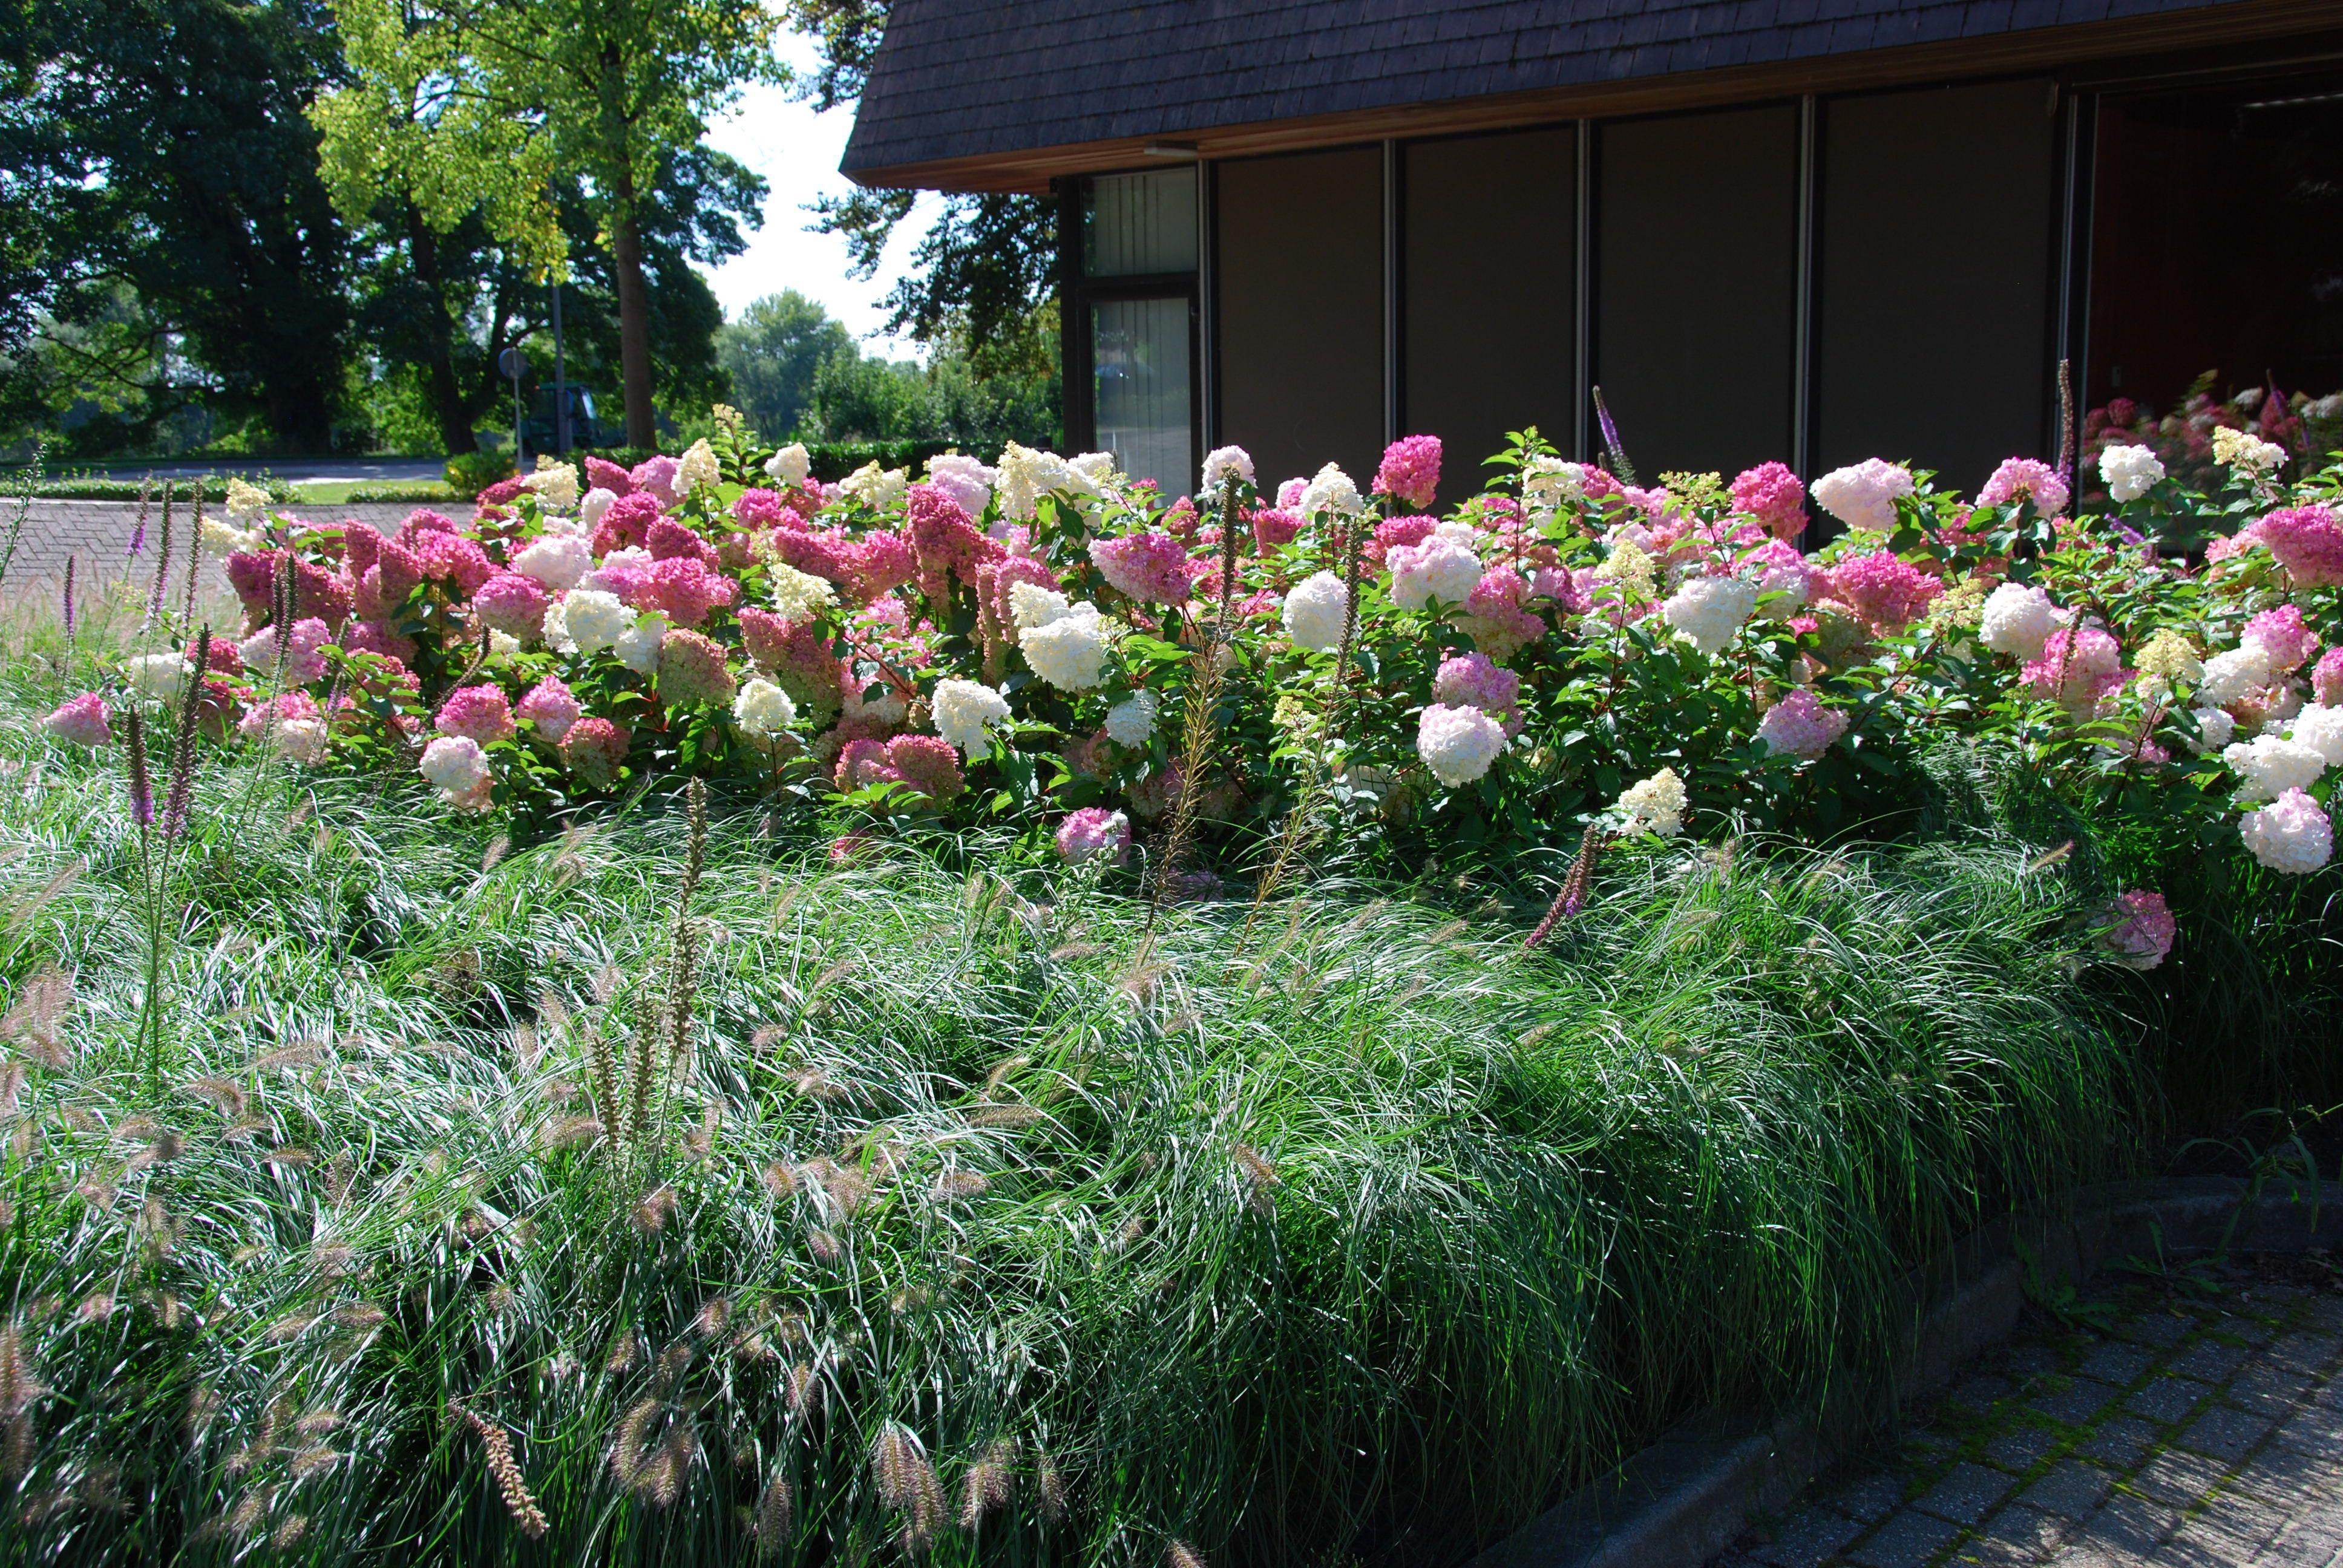 Hydrangea Vanille Fraise Pennisetum Hameln · Wunschlisten GartenHortensie